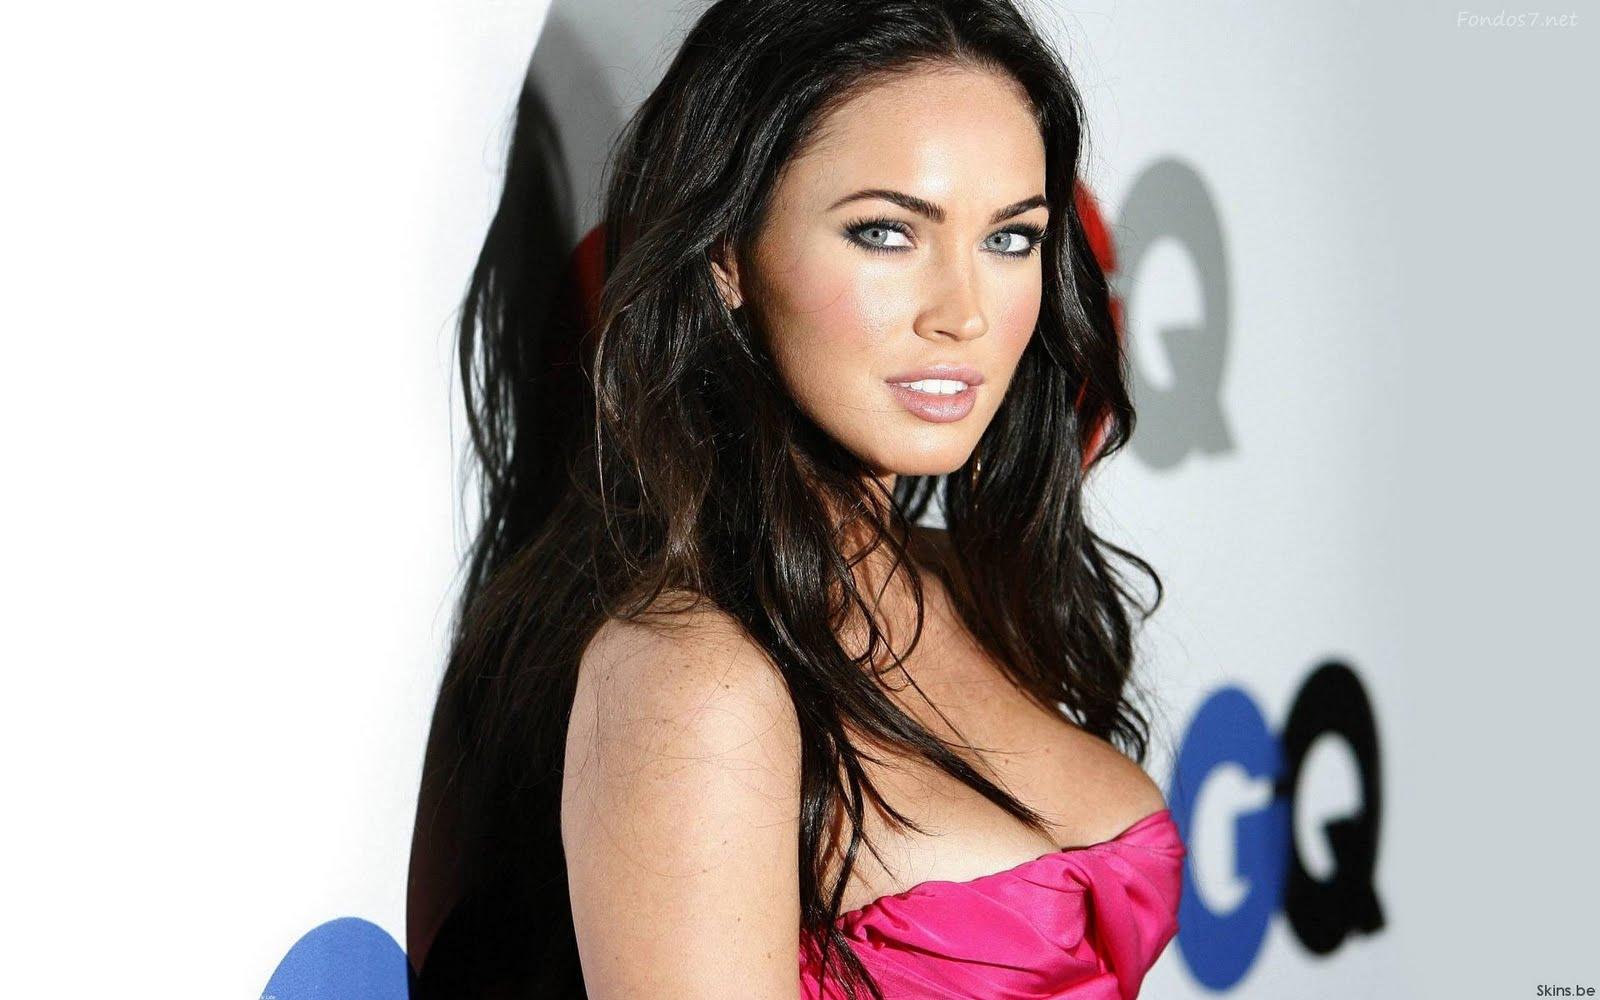 http://2.bp.blogspot.com/-OoMNNFaj-Vw/ThNYDSjXorI/AAAAAAAALDI/4rj0g8ZA-7w/s1600/Megan-Fox-242.jpg